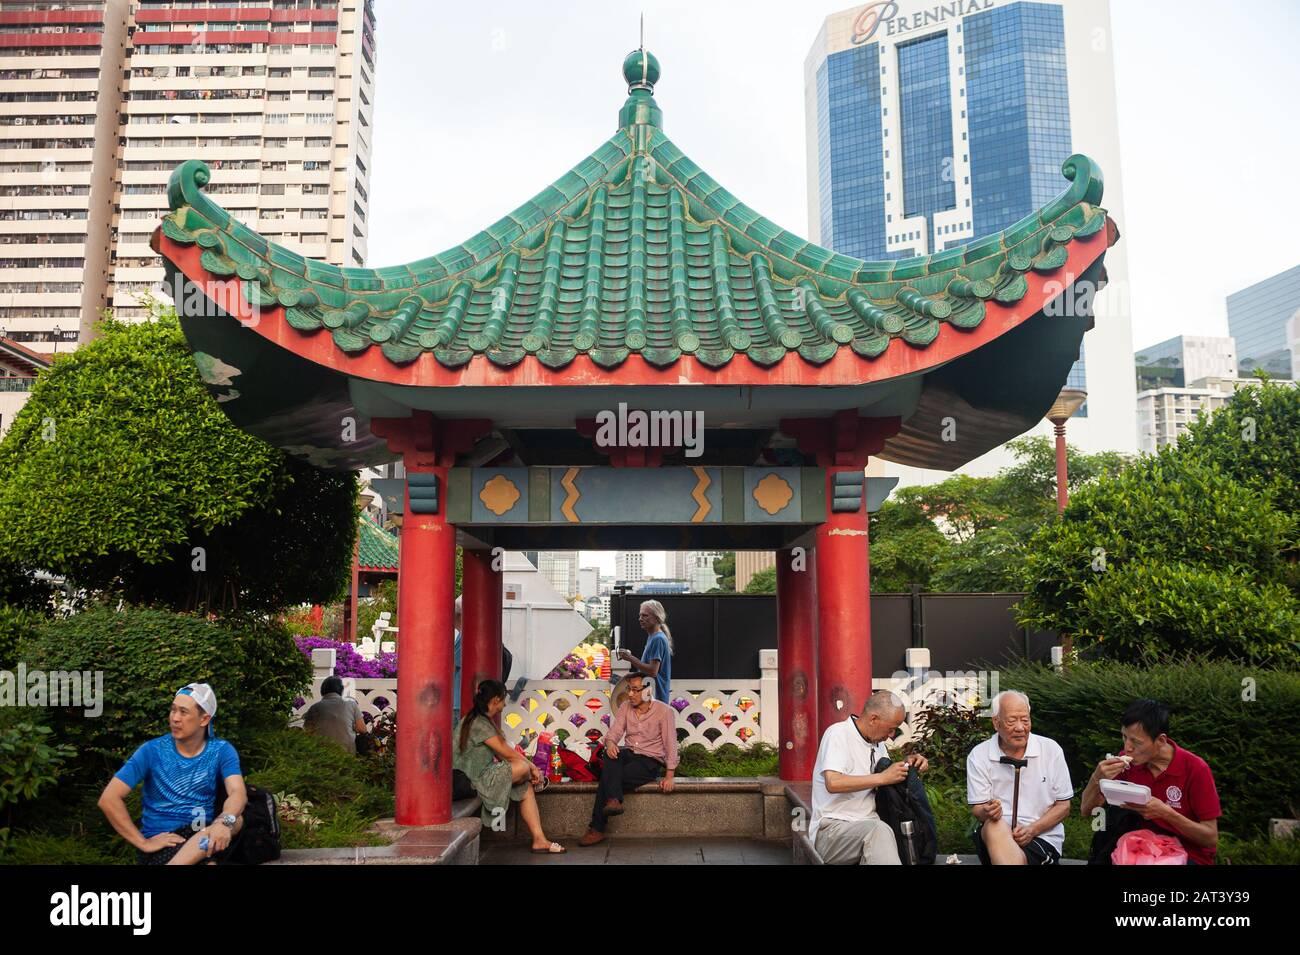 23.01.2020, Singapour, République de Singapour, Asie - Les Gens sont assis sous un toit en forme de pagode dans un petit parc public de Chinatown. Banque D'Images